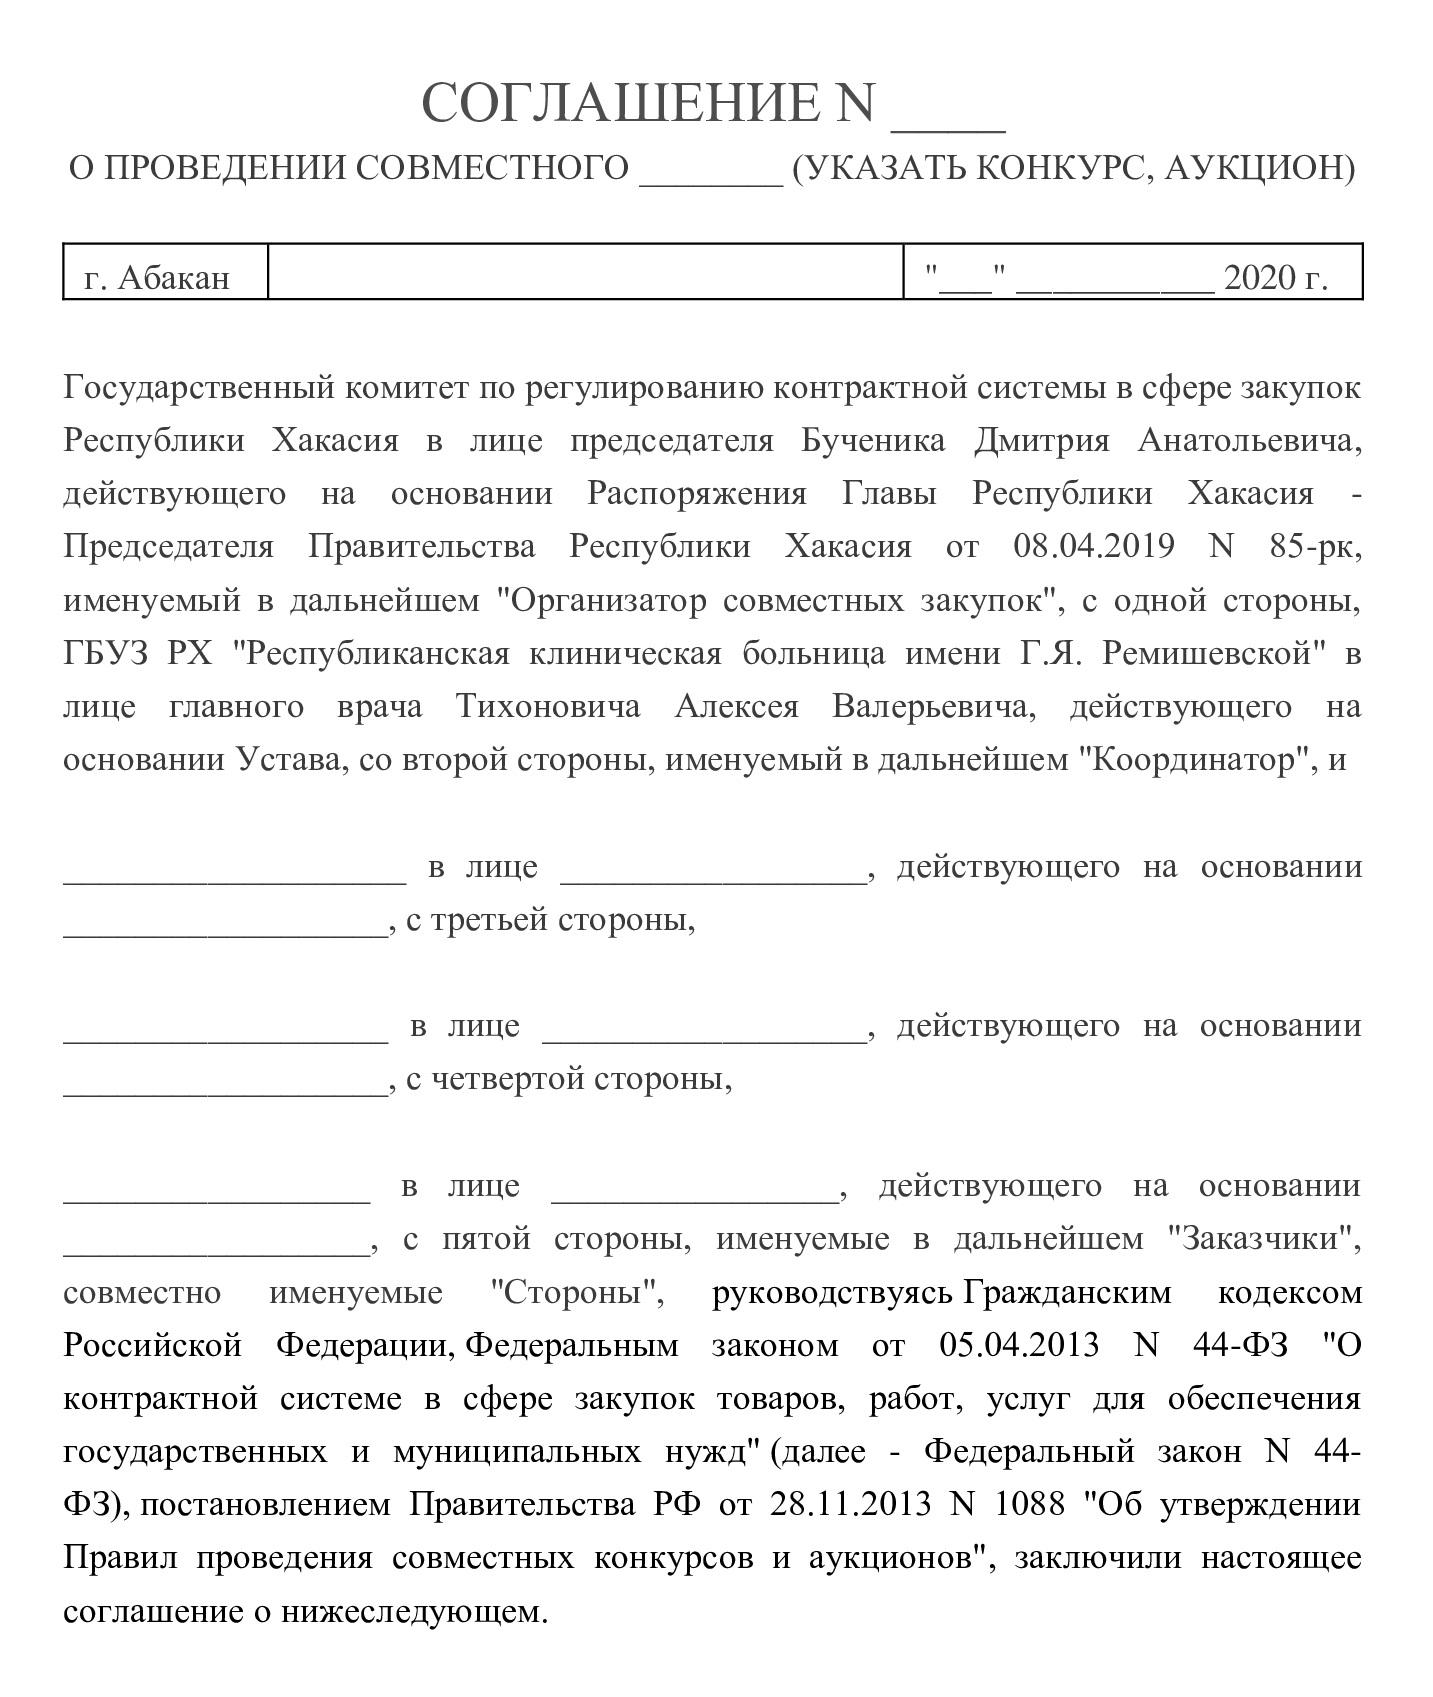 Образец соглашения о проведении совместных торгов 44-ФЗ